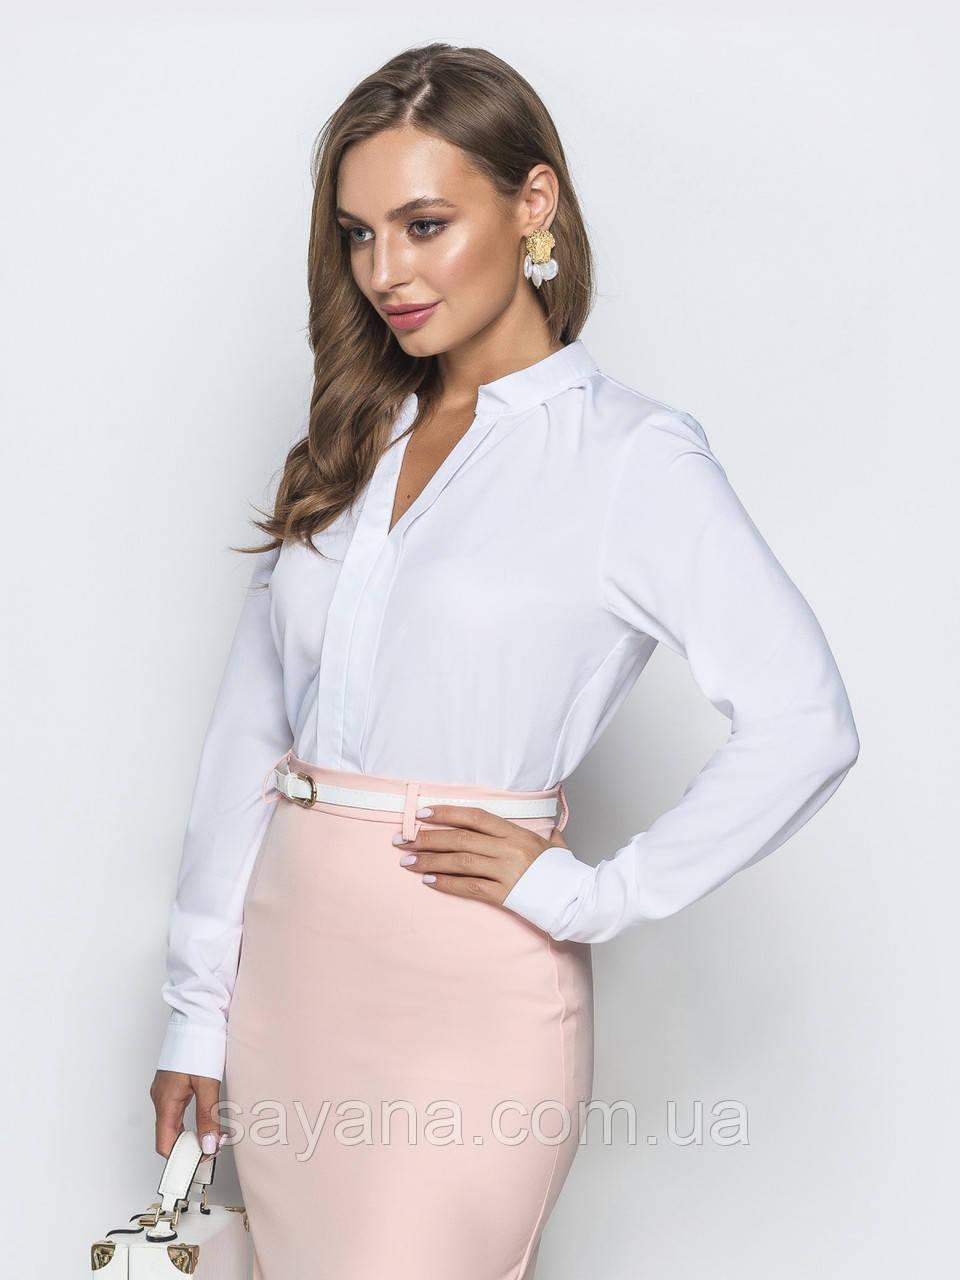 Женская блуза, в расцветках, р-р 48-50. ЛП-6-1-0819(728)